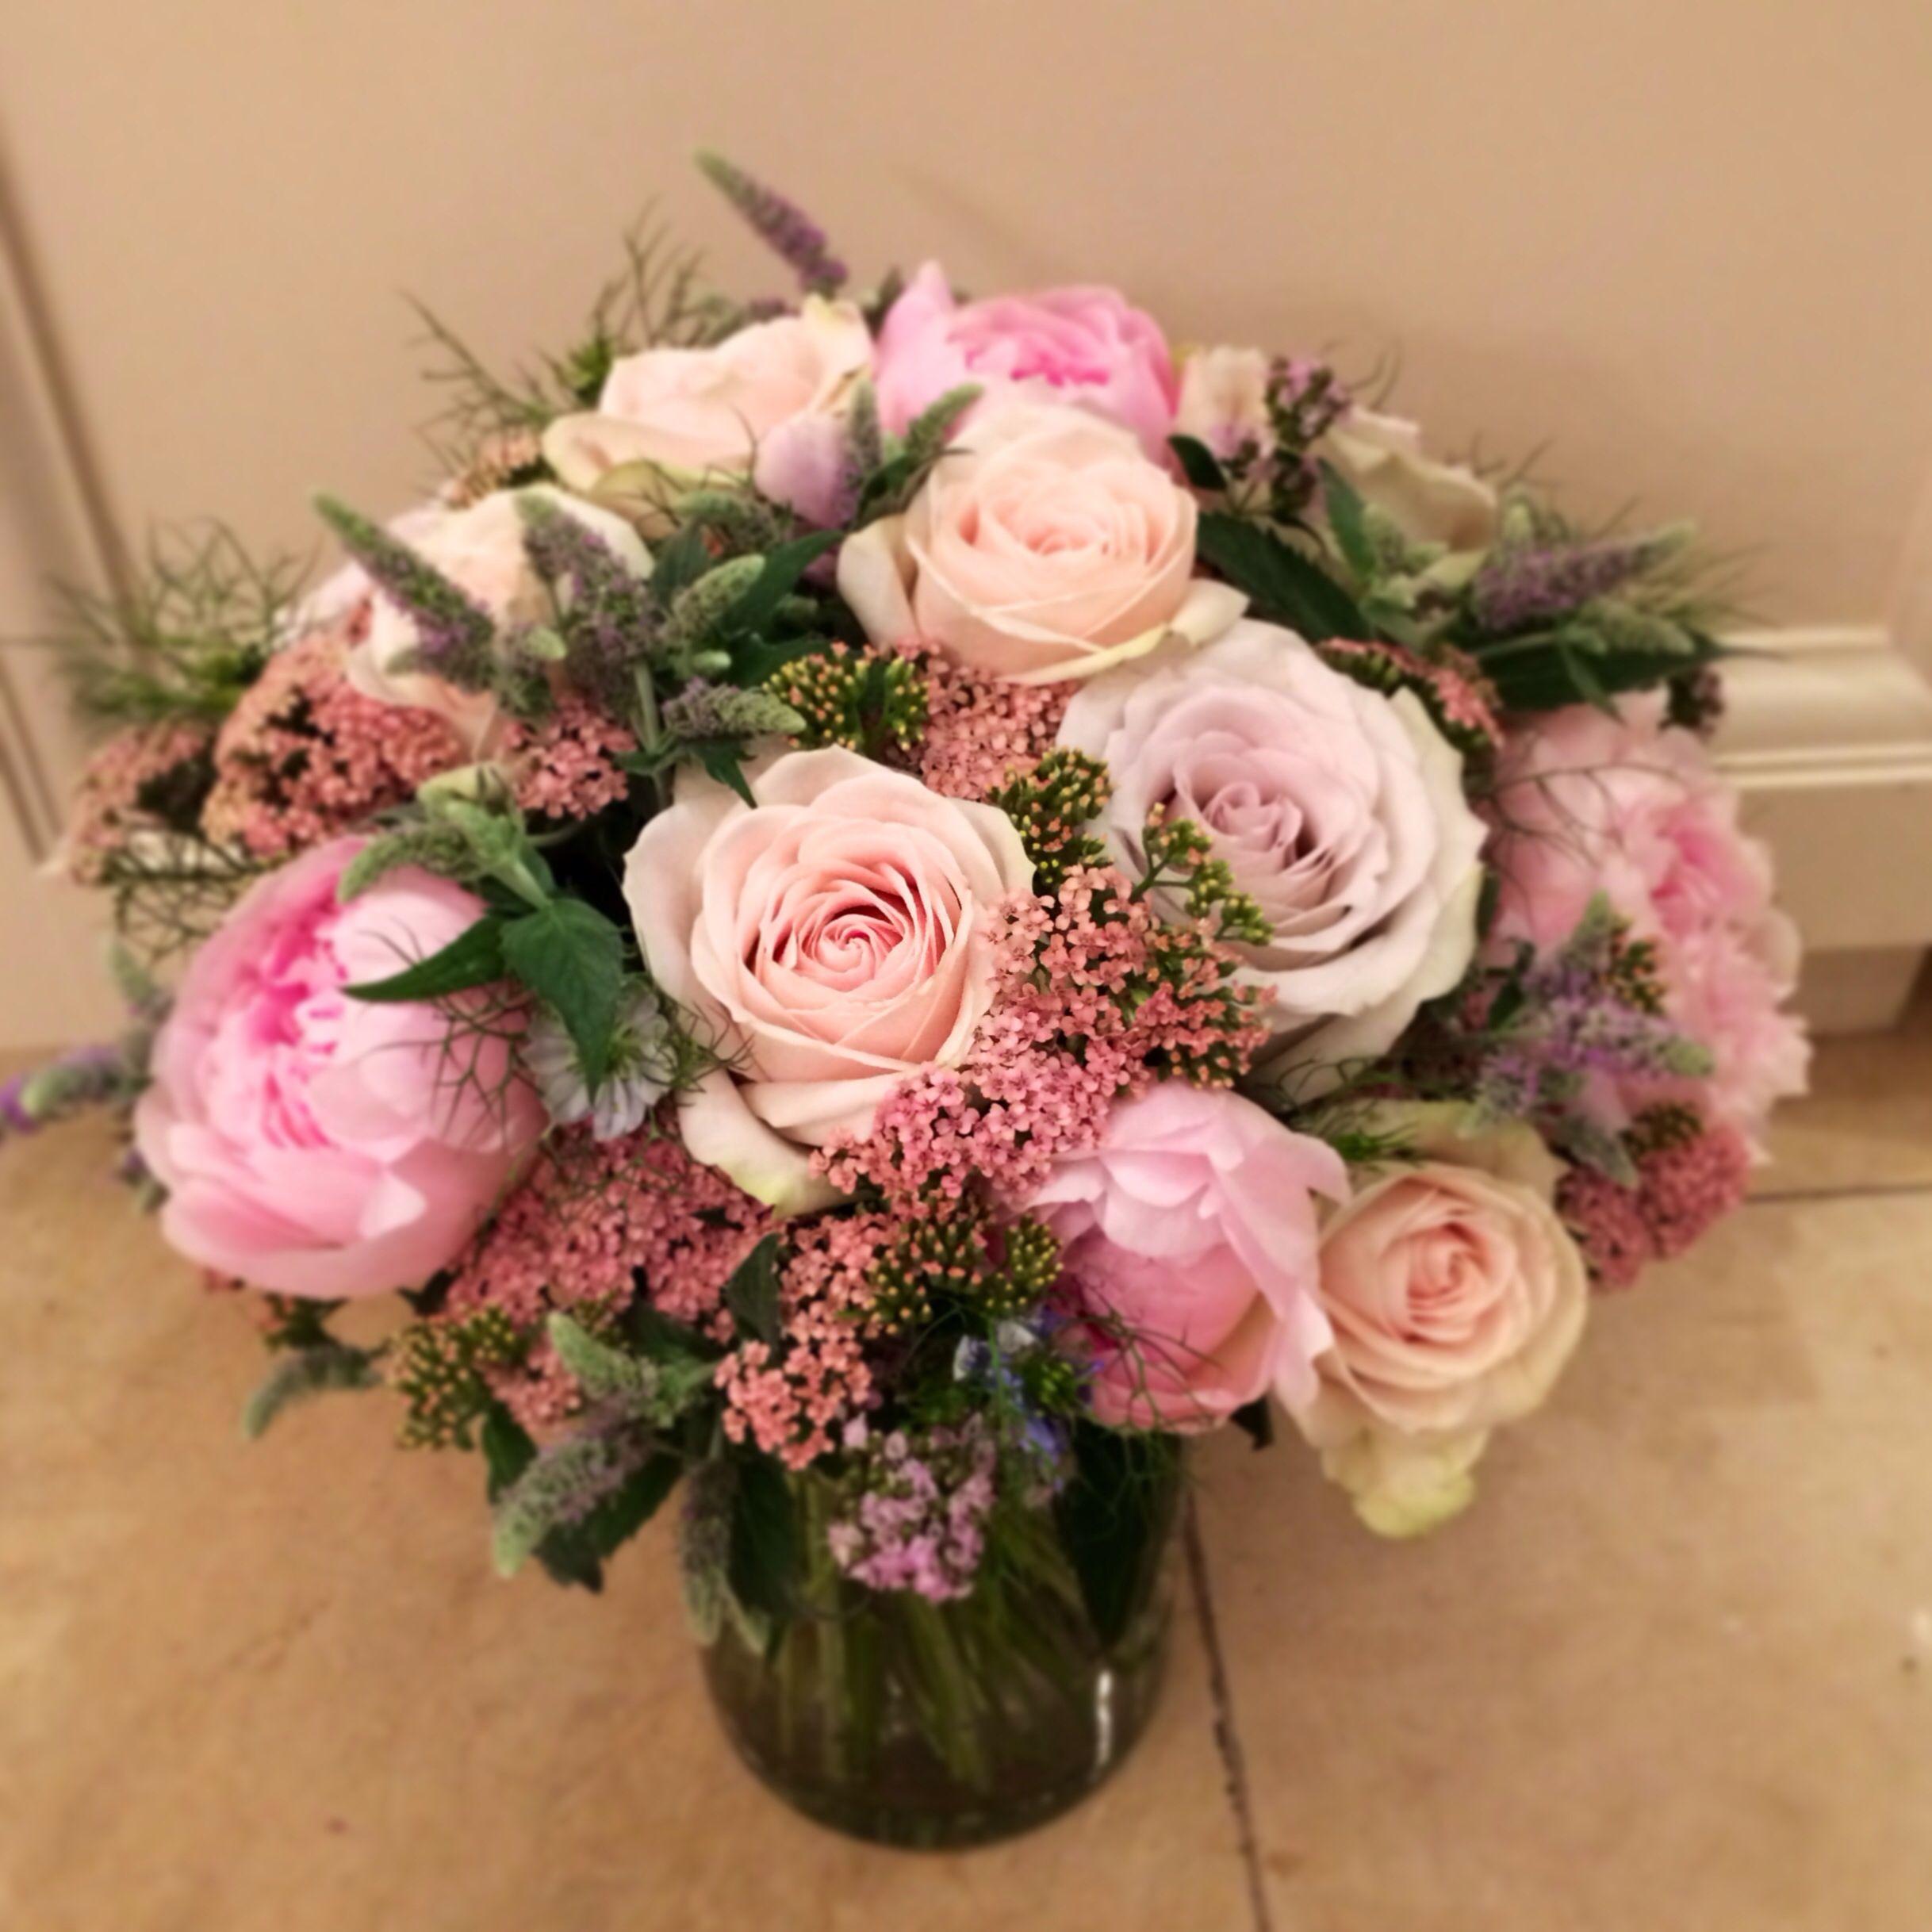 Freelance work for amazing byappointmentonlydesign flowers freelance work for amazing byappointmentonlydesign flowers izmirmasajfo